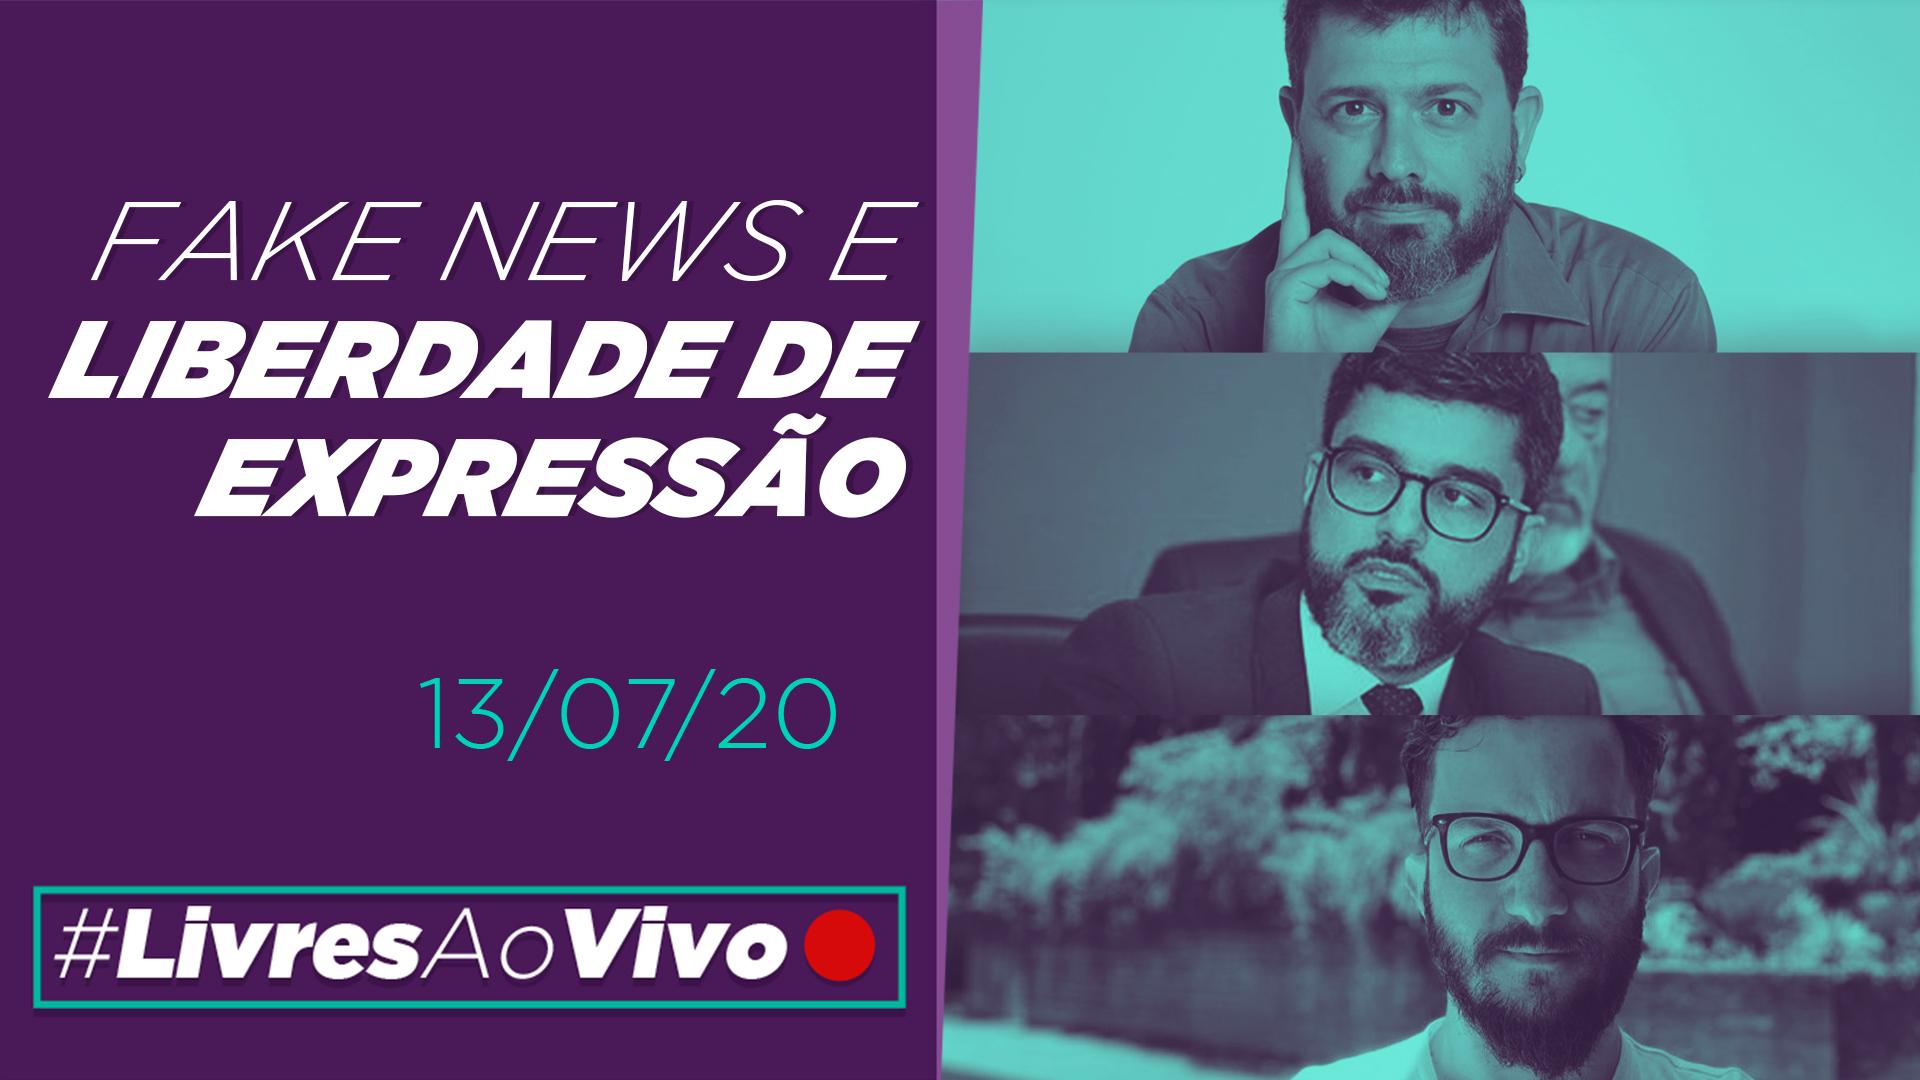 Fake news e liberdade de expressão | Debate com Pedro Doria, Adrualdo Catão e Fabrício Pontin